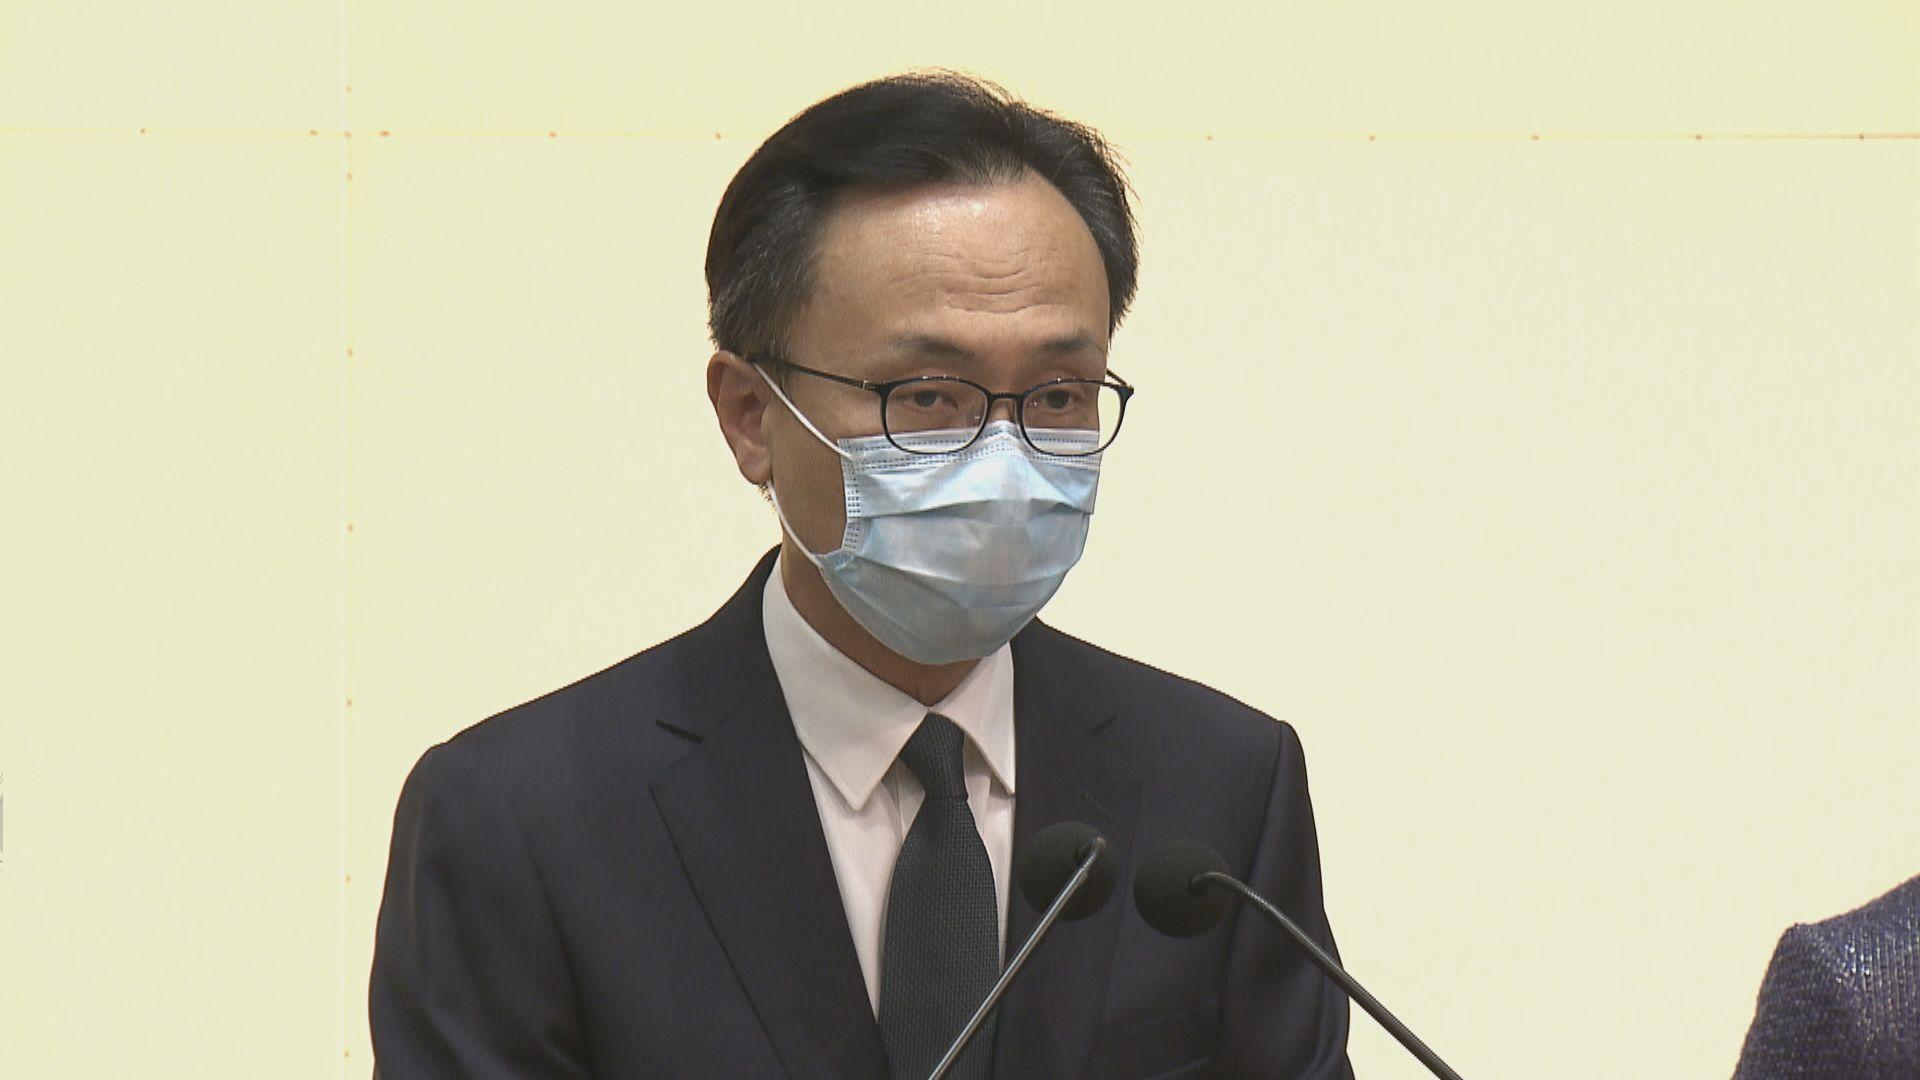 聶德權:有否機制剎停接種計劃由專家委員會審視